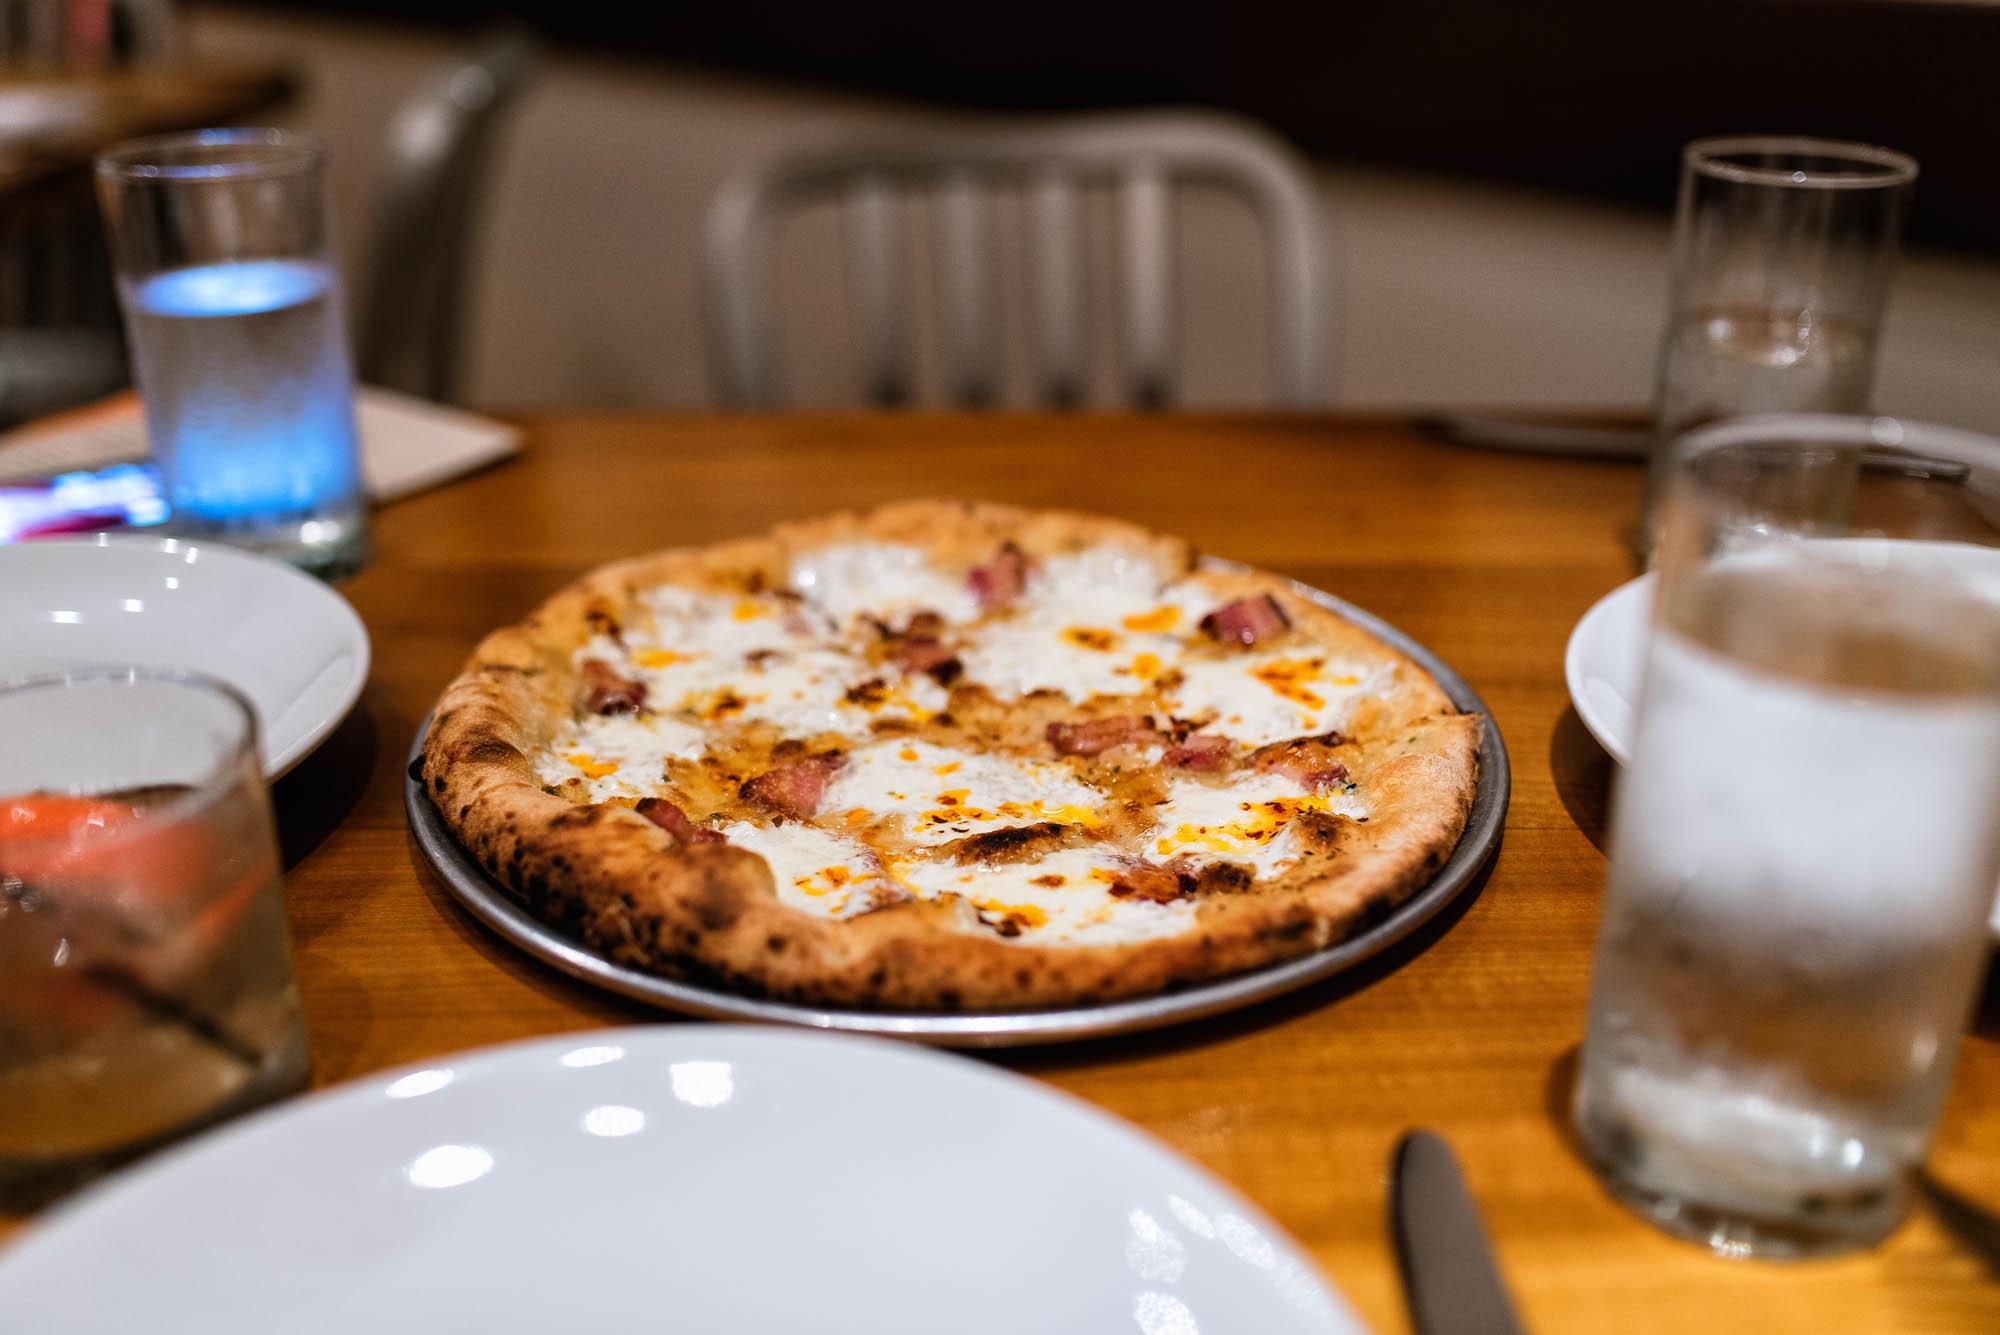 Pizza - belly ham, mozzarella, grana padano, oregano, chilies